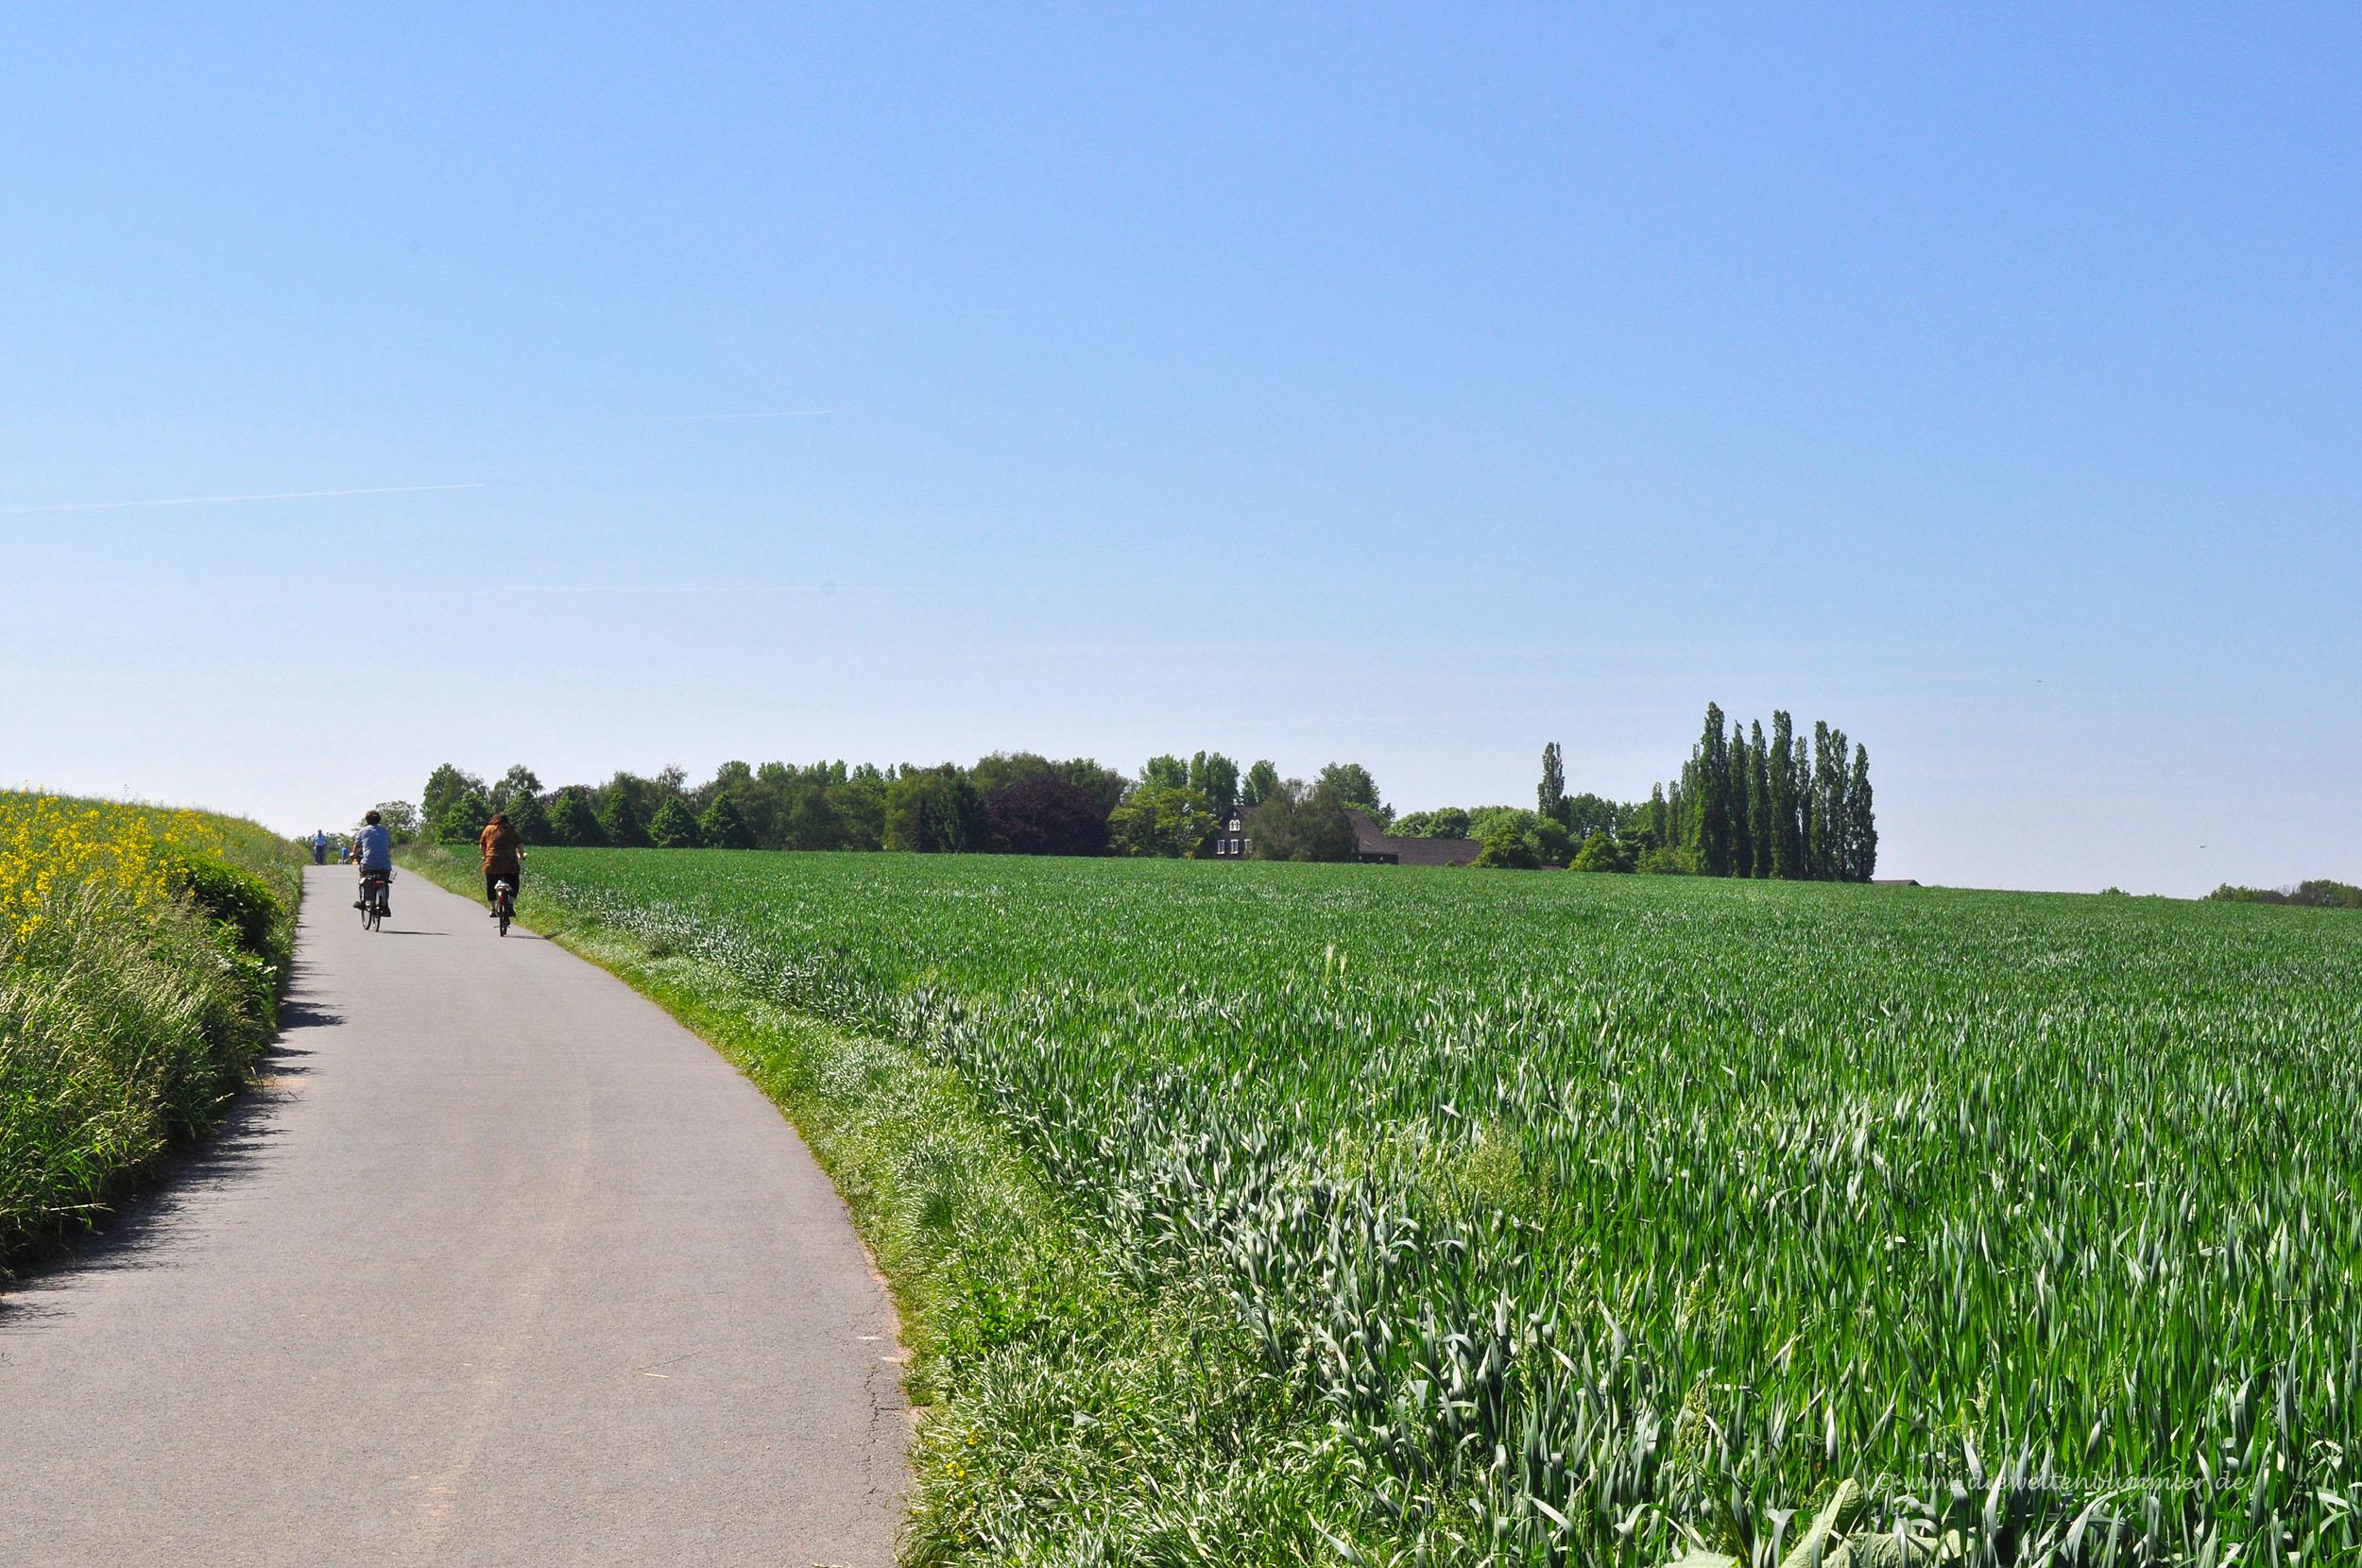 Wanderung zwischen Essen und Mülheim